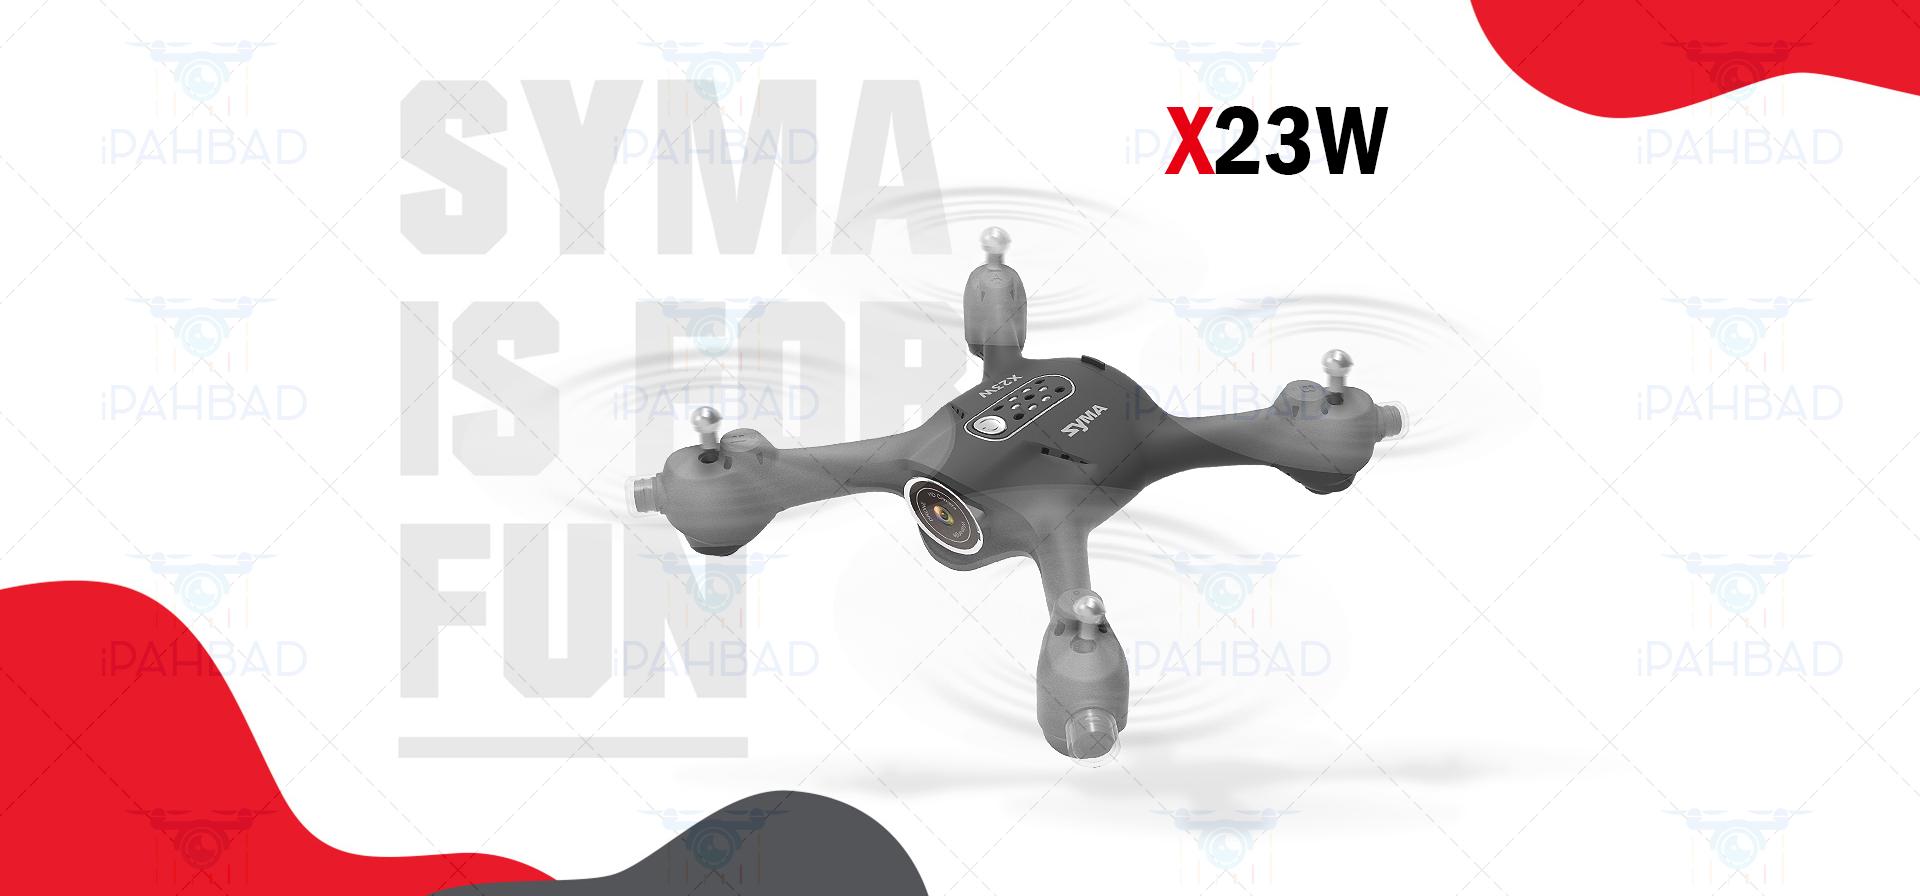 قیمت خرید کوادکوپتر دوربین دار سایما Syma X23W از فروشگاه اینترنتی آی پهباد ، خرید کوادکوپتر دوربین دار سیما مدل X23W ، قیمت خرید کوادکوپتر هلی شات سایما ، کواد کوپتر دوربین دار ارزان